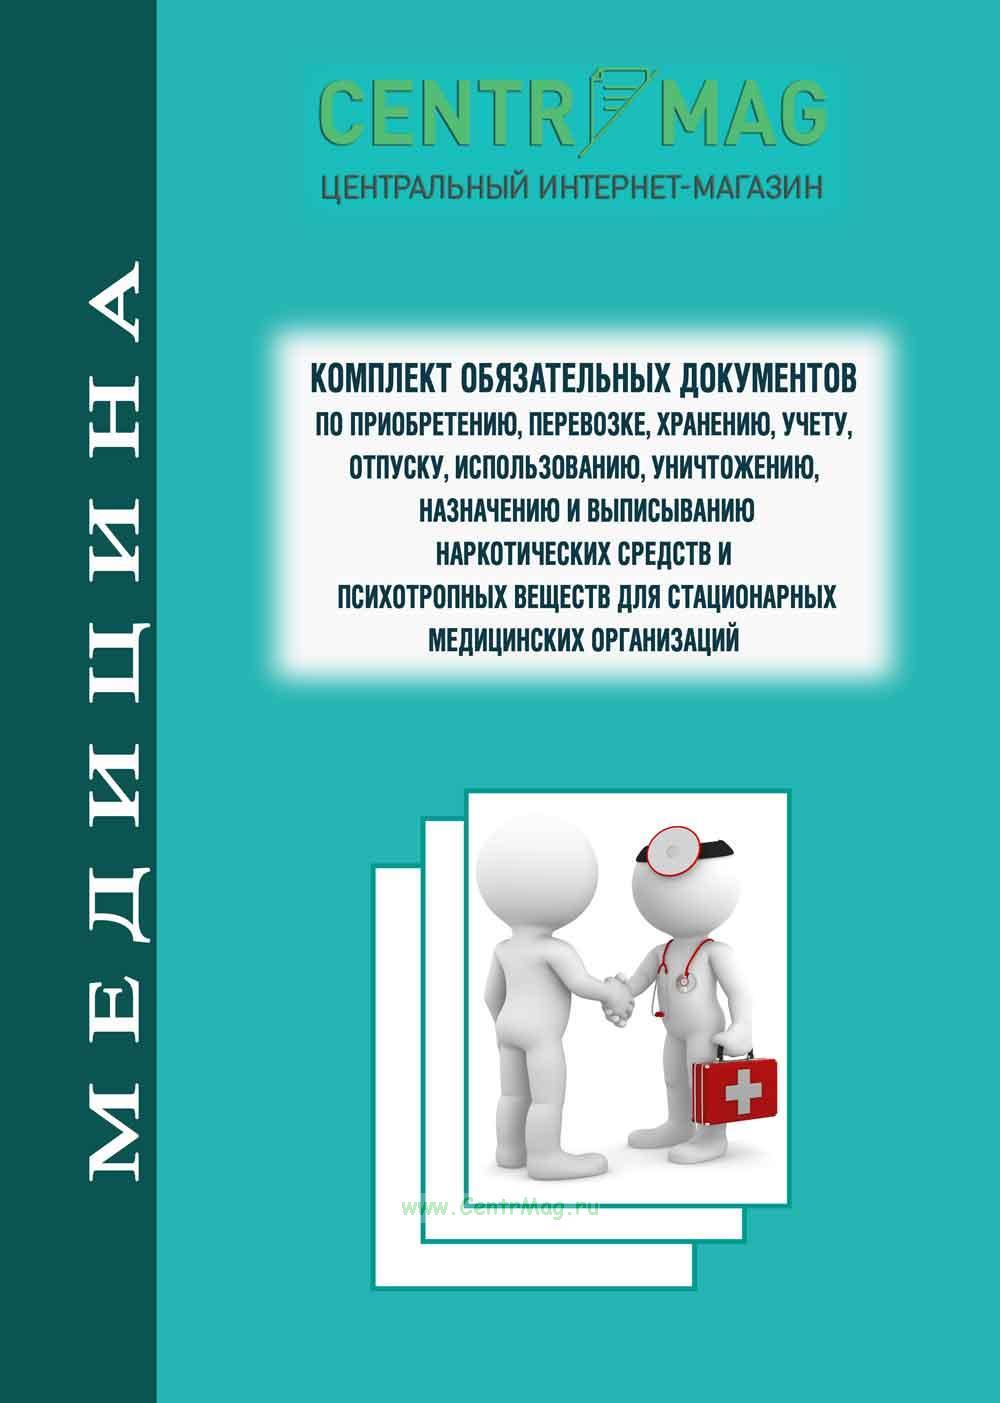 Комплект обязательных документов по приобретению, перевозке, хранению, учету, отпуску, использованию, уничтожению, назначению и выписыванию наркотических средств и психотропных веществ для стационарных медицинских организаций 2018 год. Последняя редакция